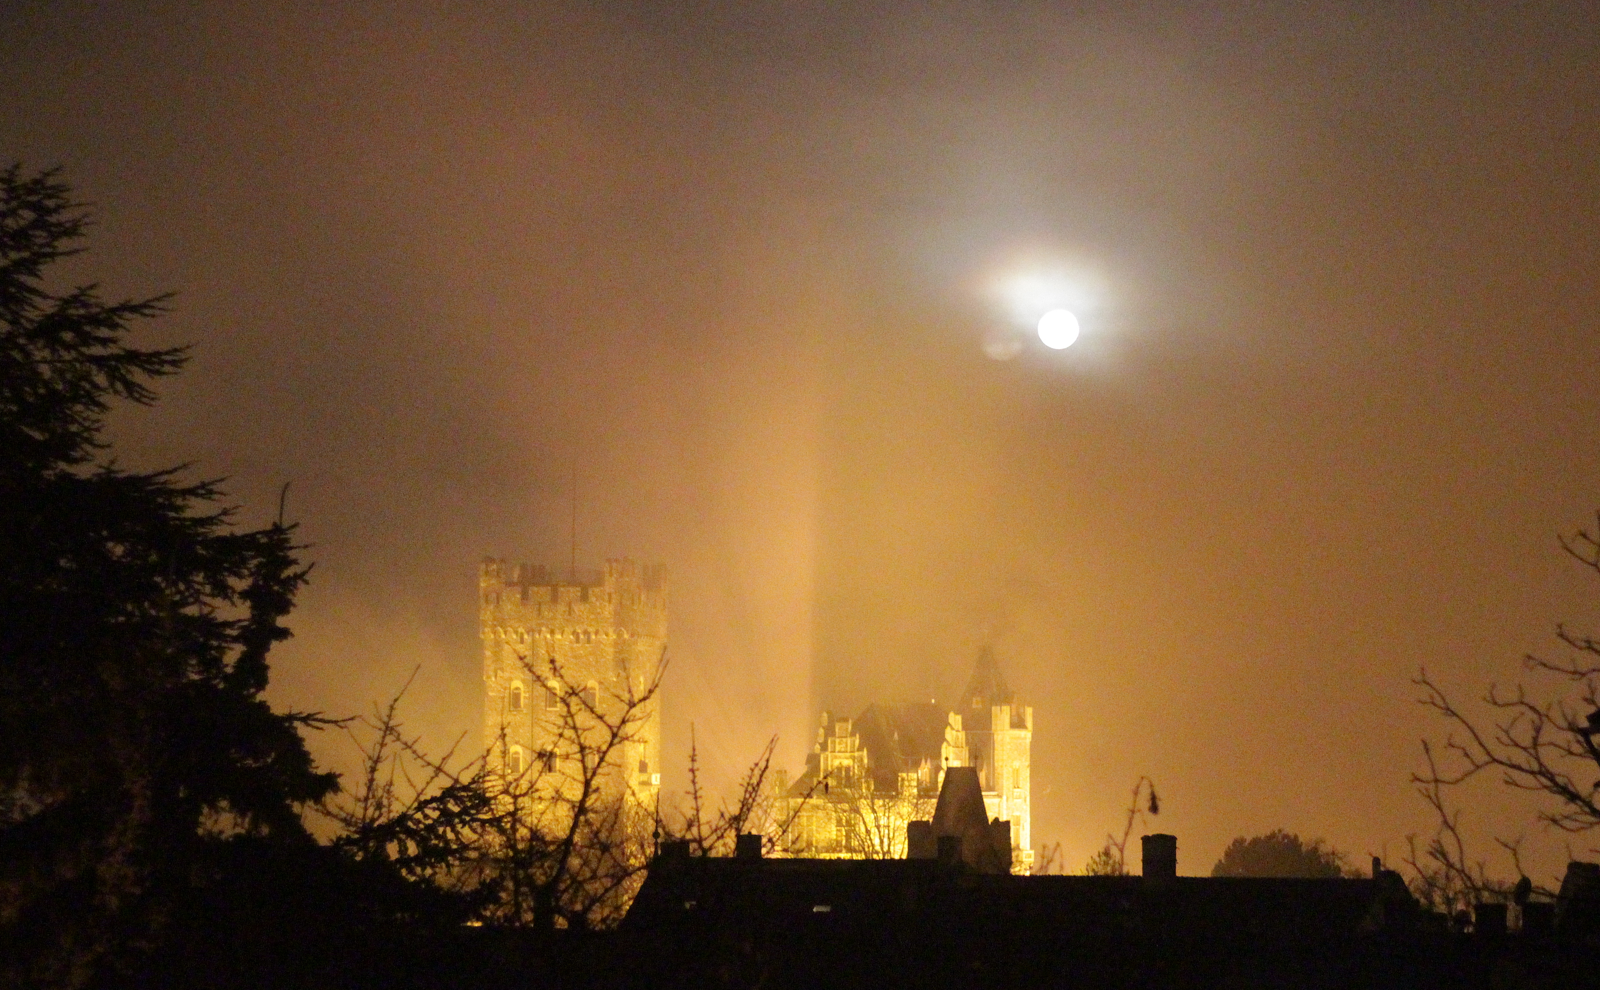 Burg Klopp im Morgennebel